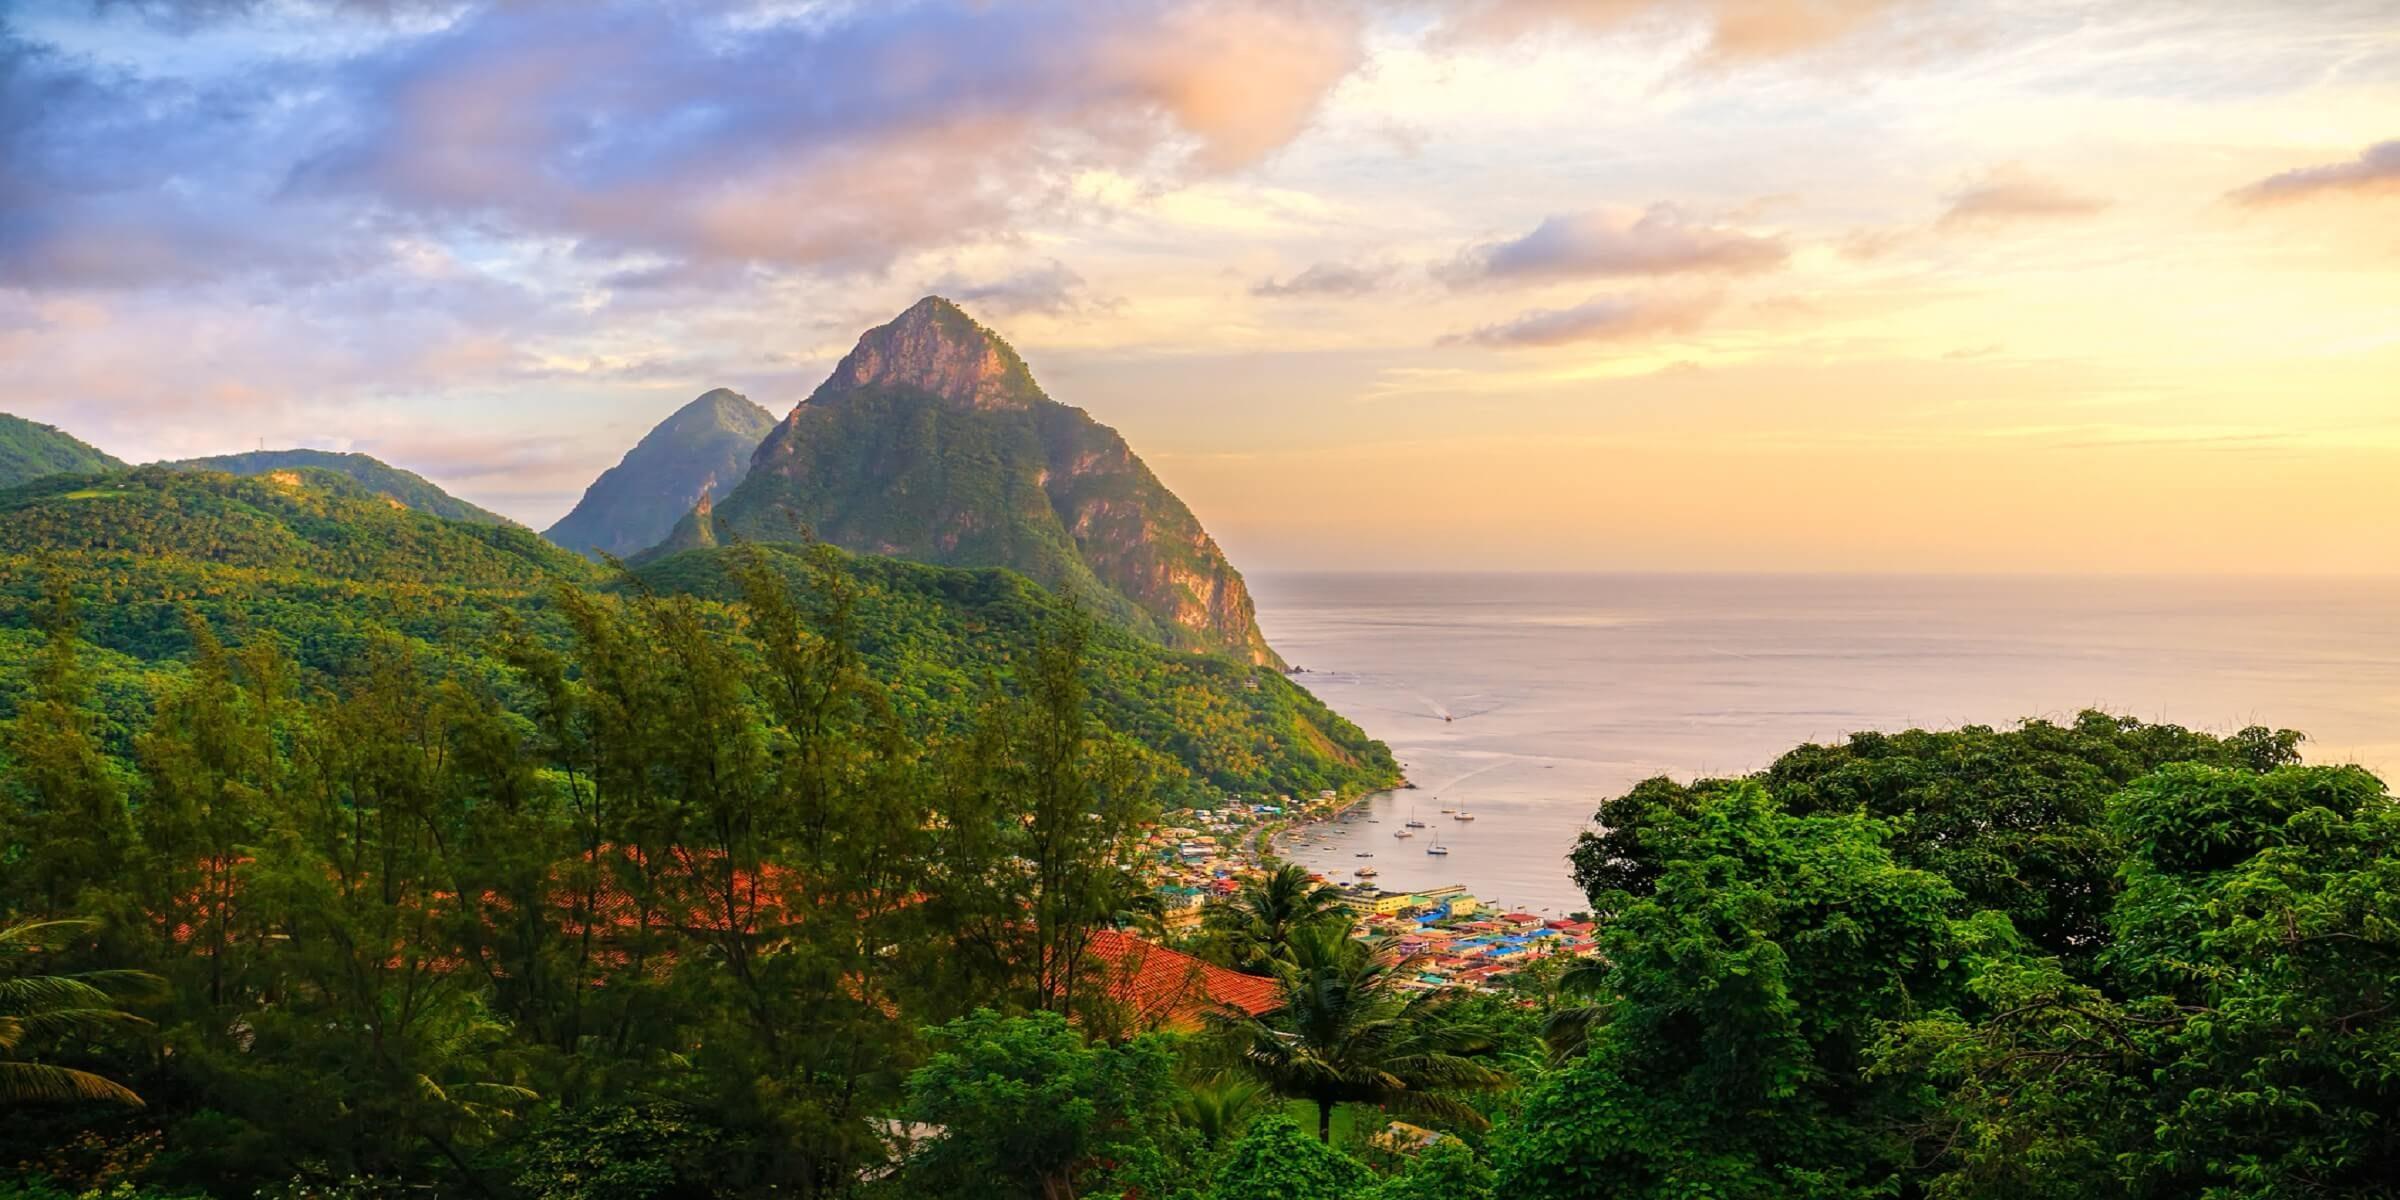 Die Insel St. Lucia in der Karibik